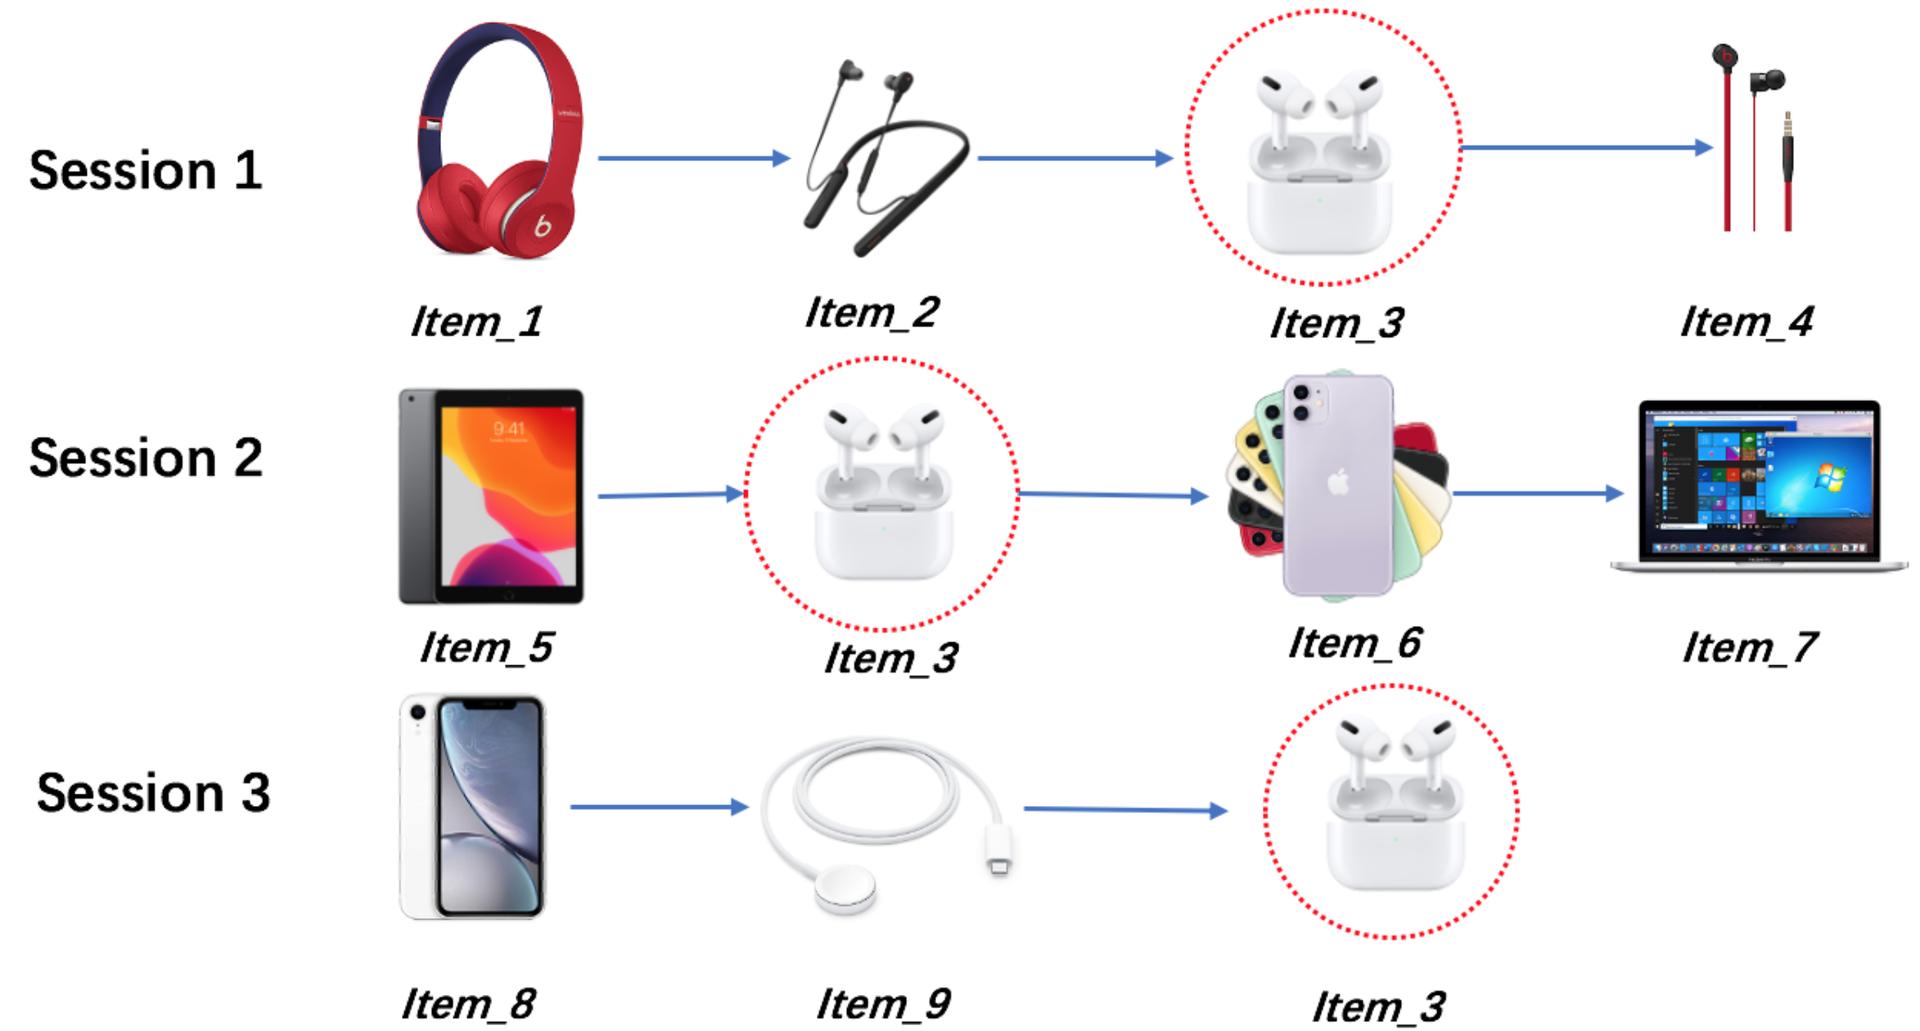 图1 跨会话item的Toy样例